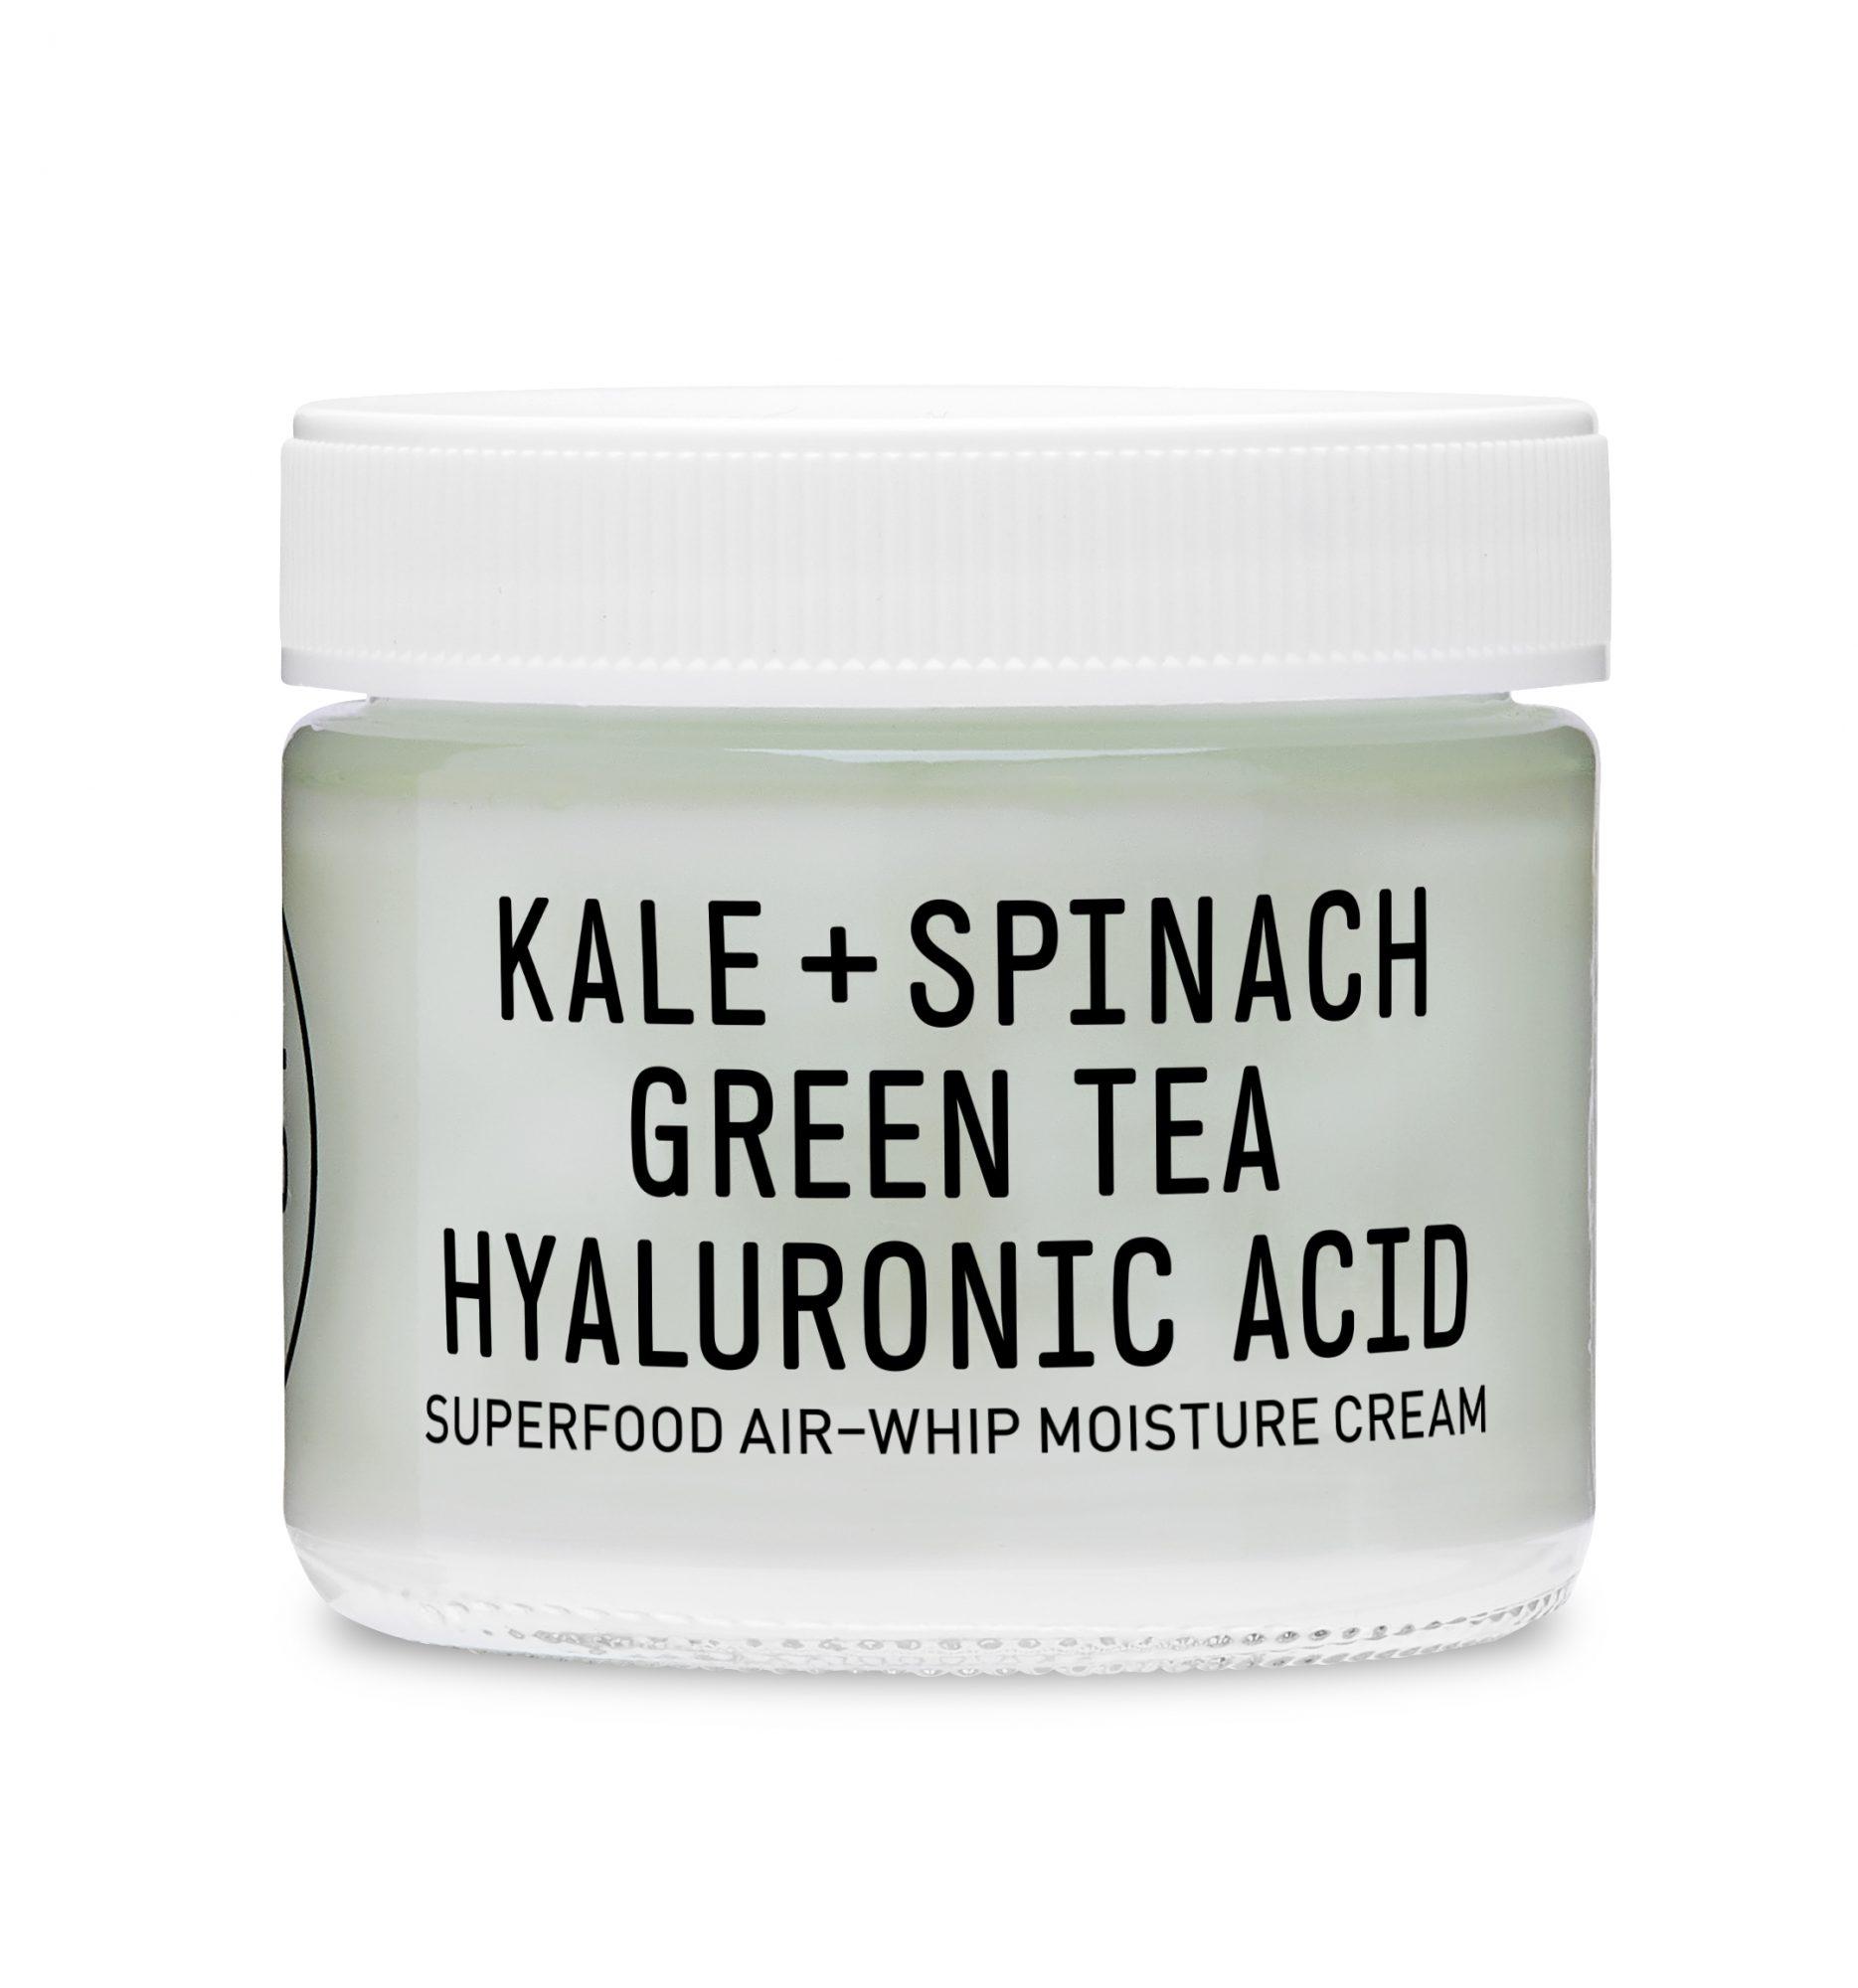 Productos belleza con ácido hialurónico